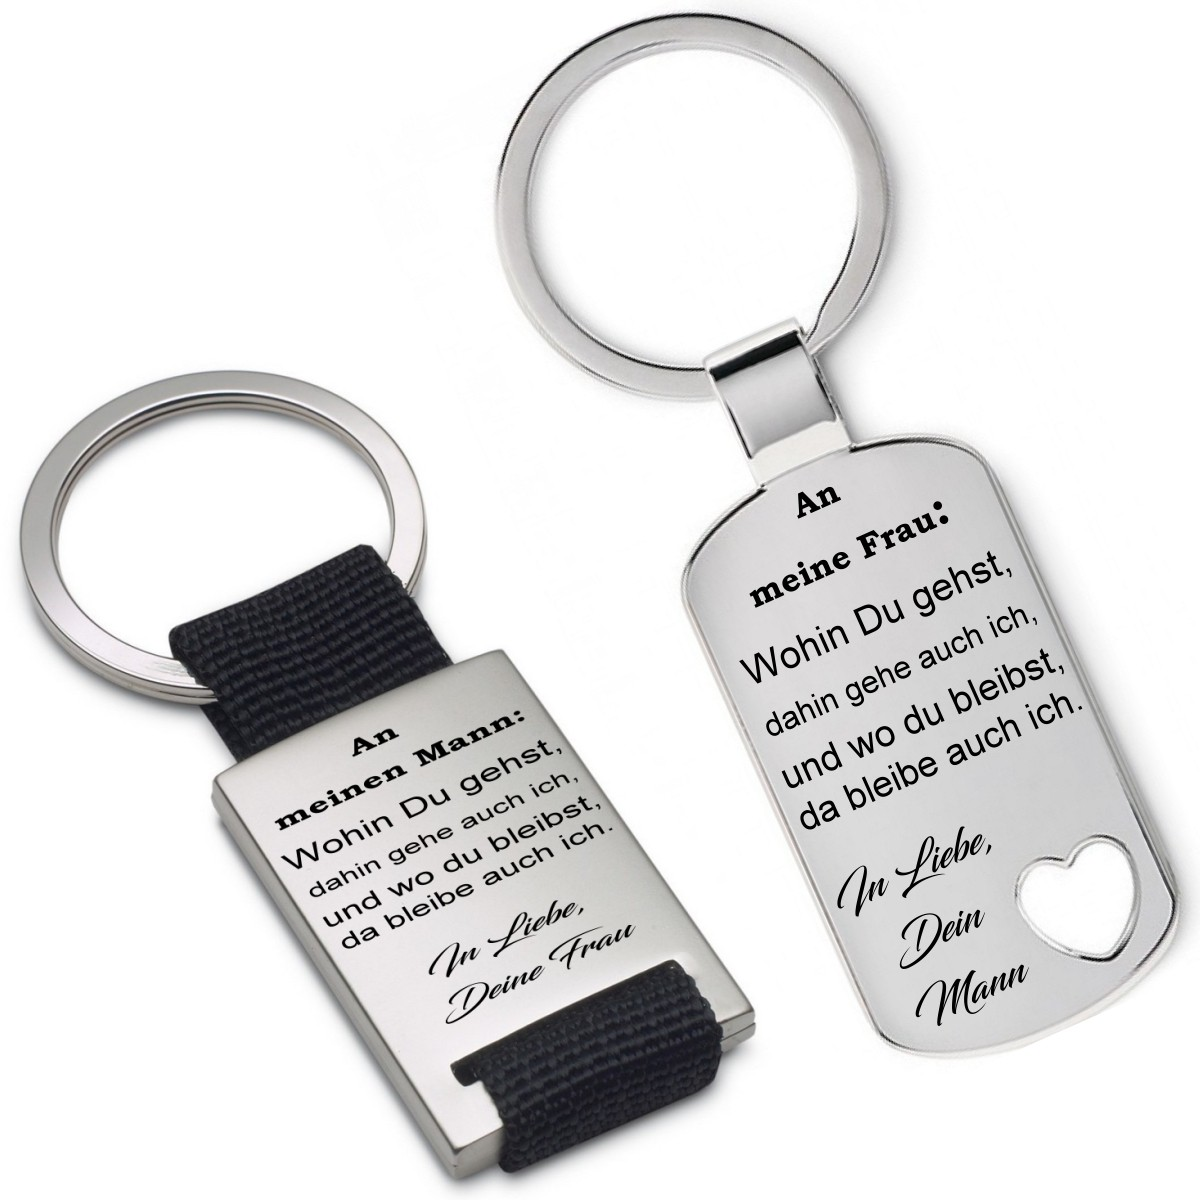 Schlüsselanhänger: Wohin du gehst dahin gehe auch ich ... Frau/Mann/Freundin/Freund